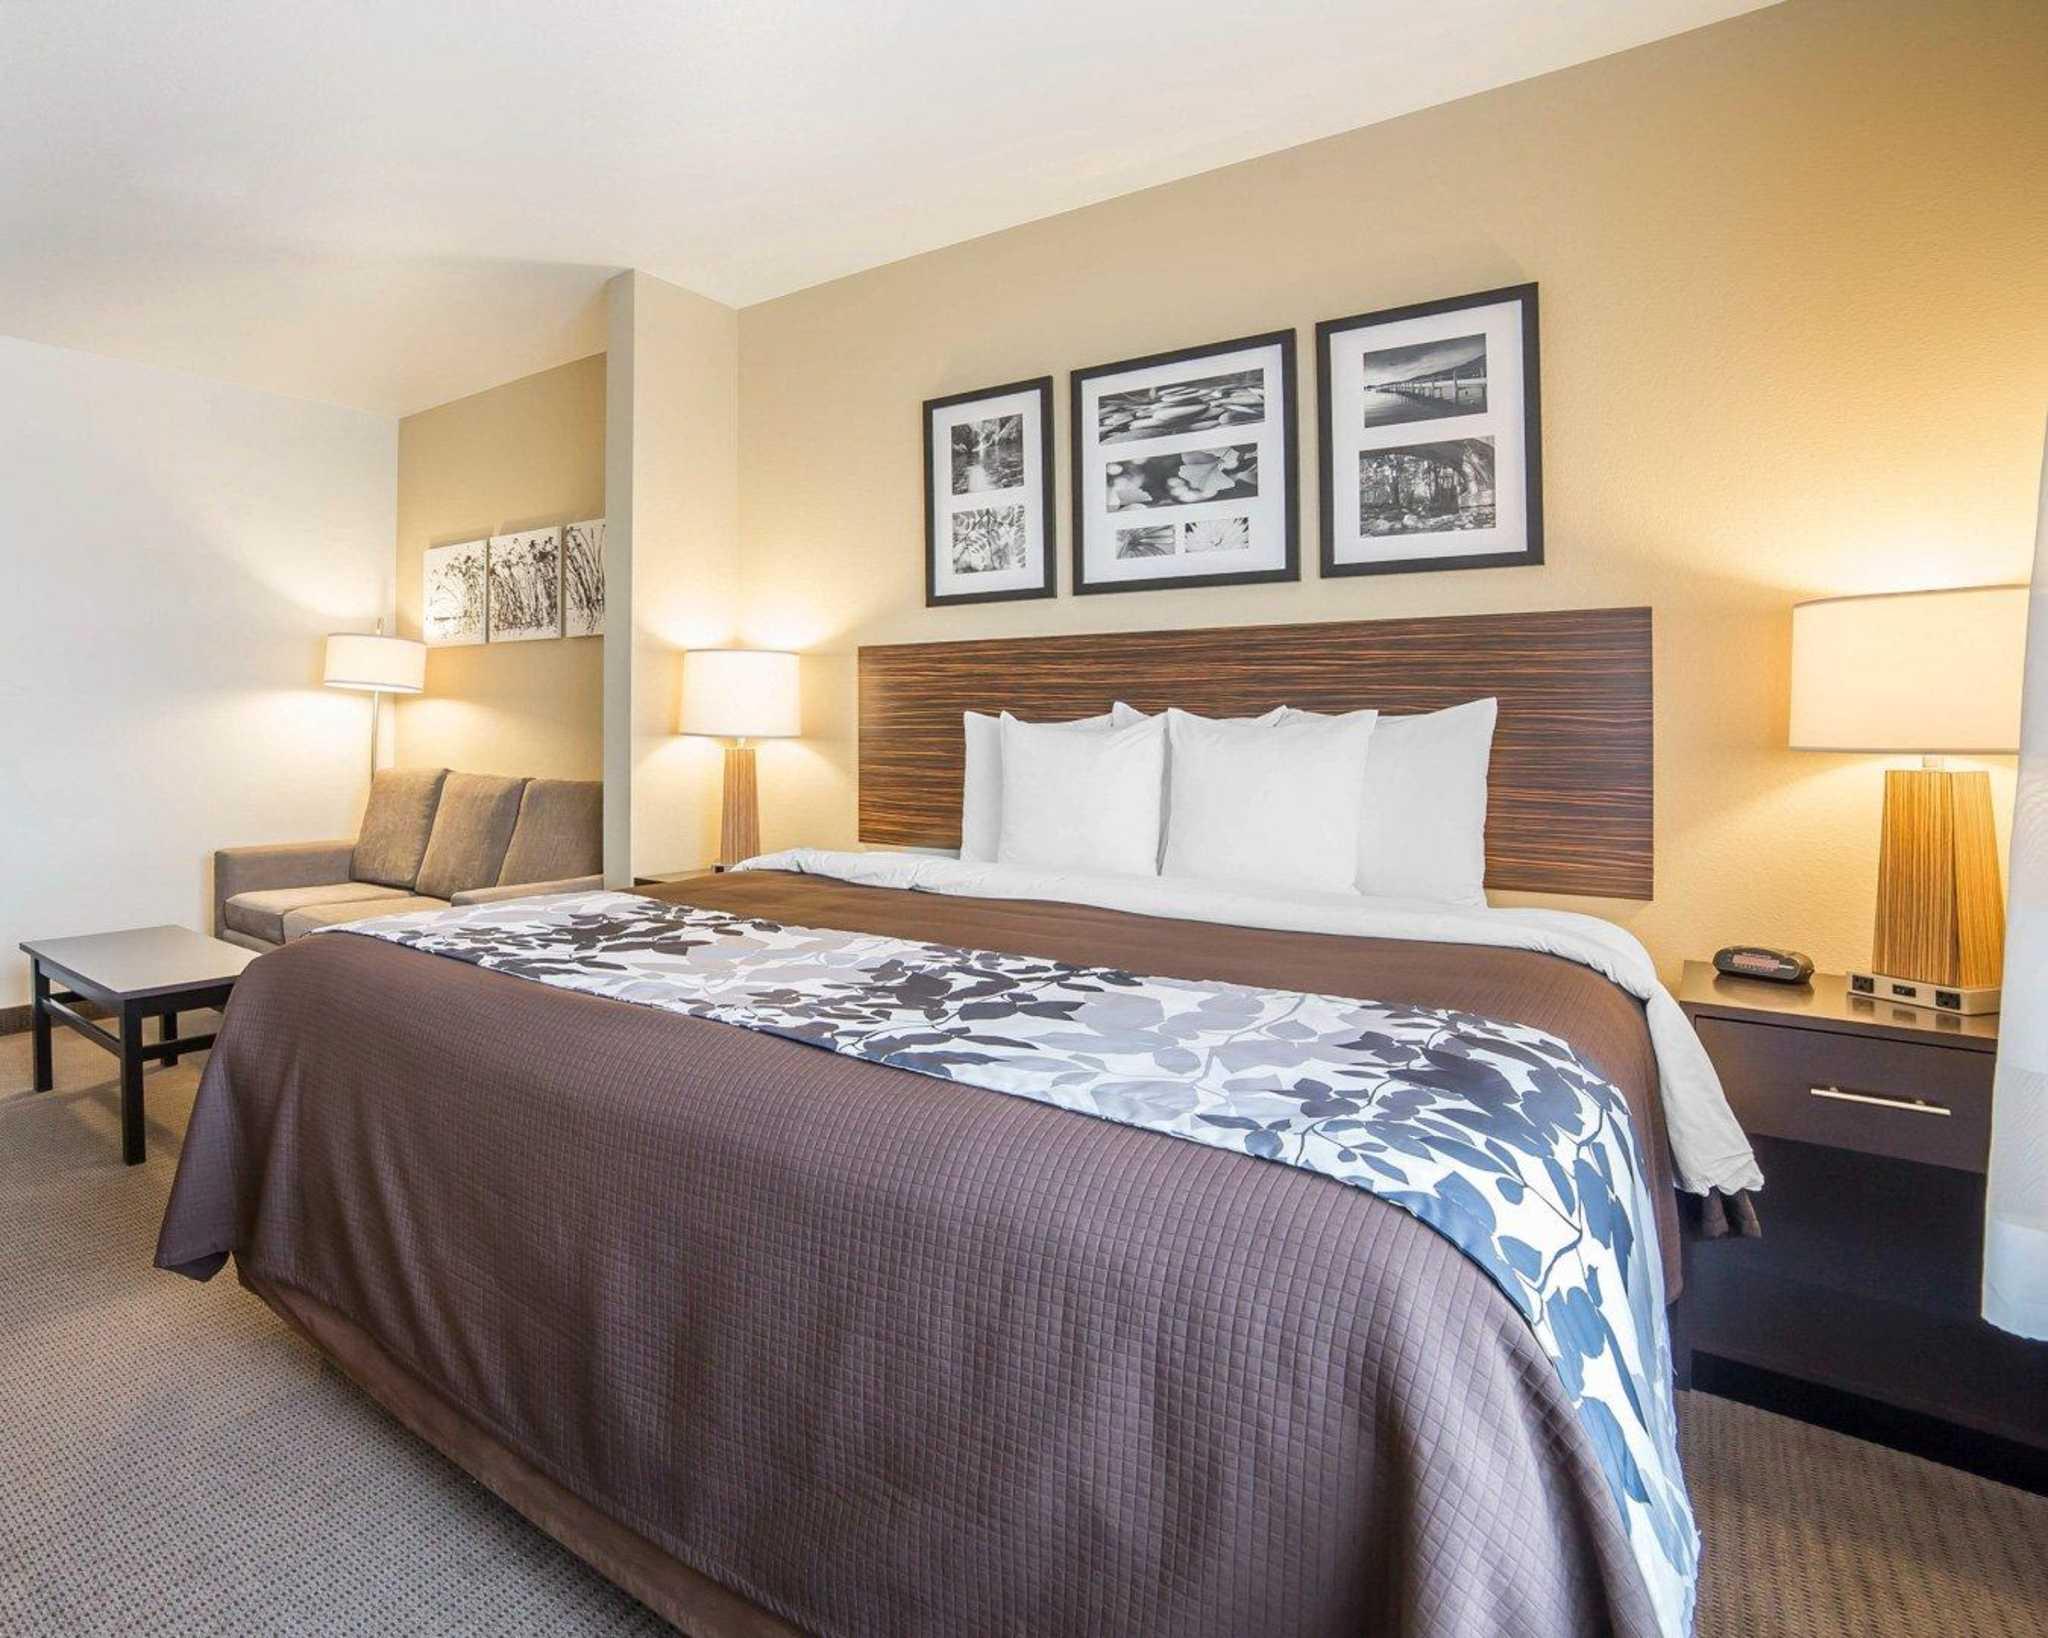 Sleep Inn & Suites image 33